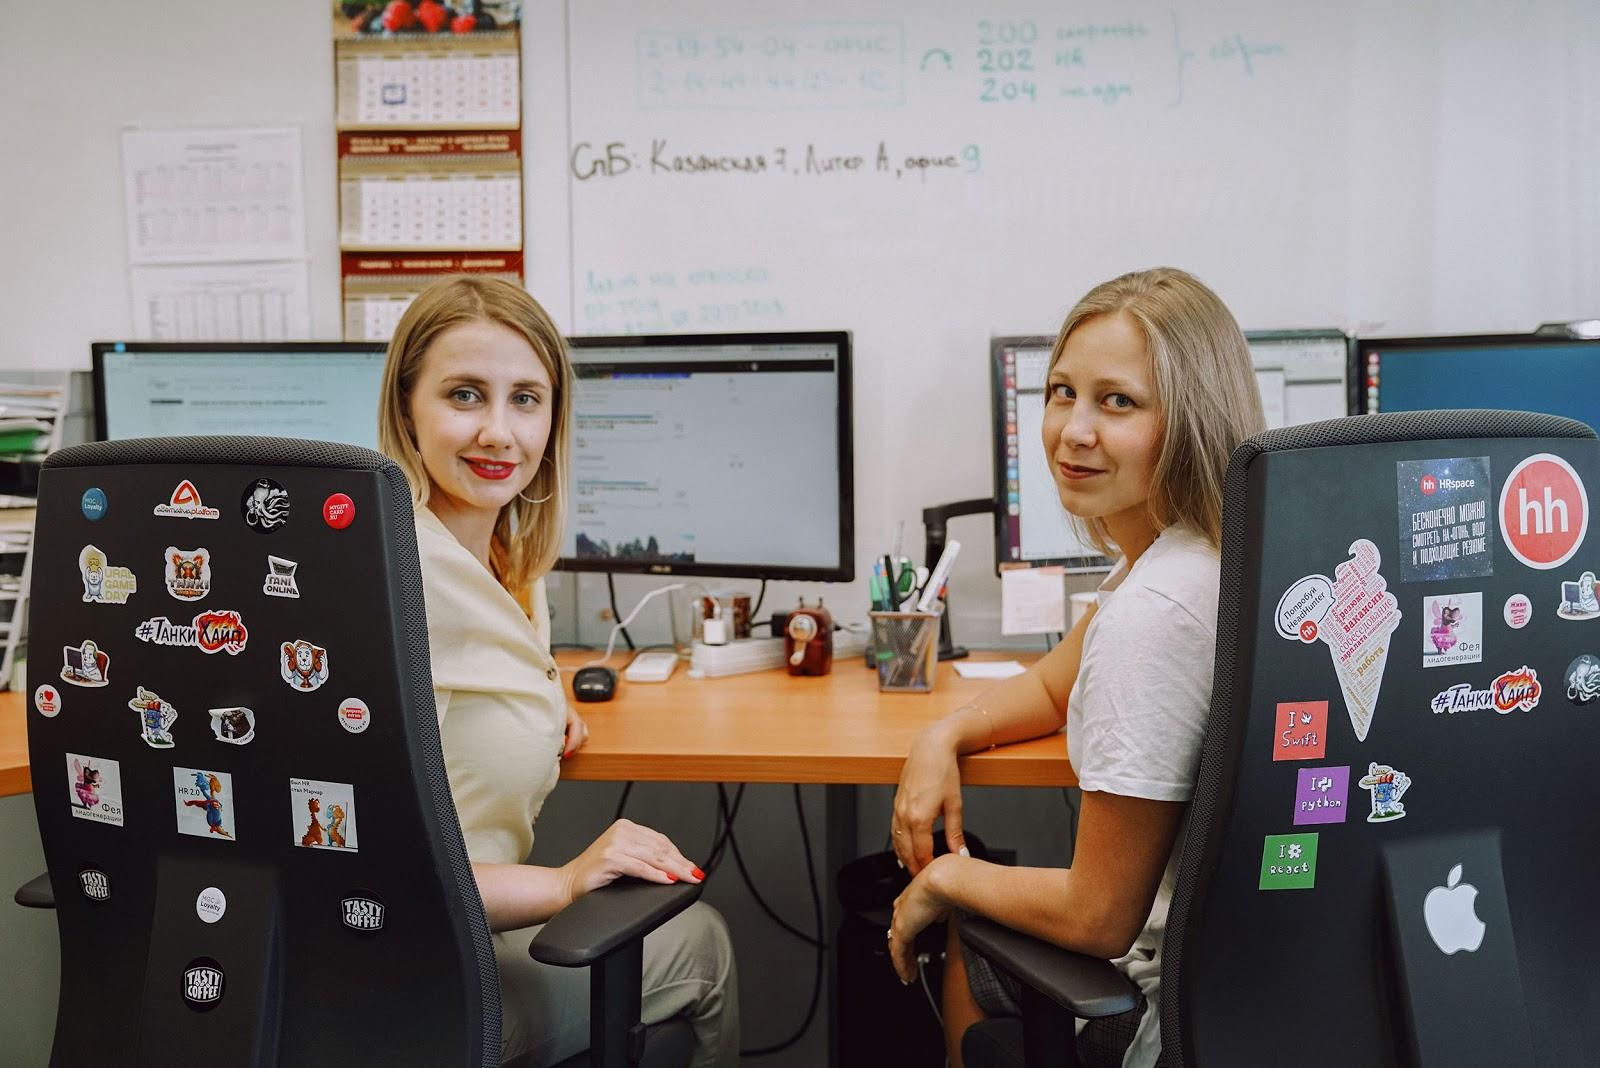 Комфортный офис — помогает работать или мешает и отвлекает? Ответят Sidenis, Alternativa Games и FunBox - 9